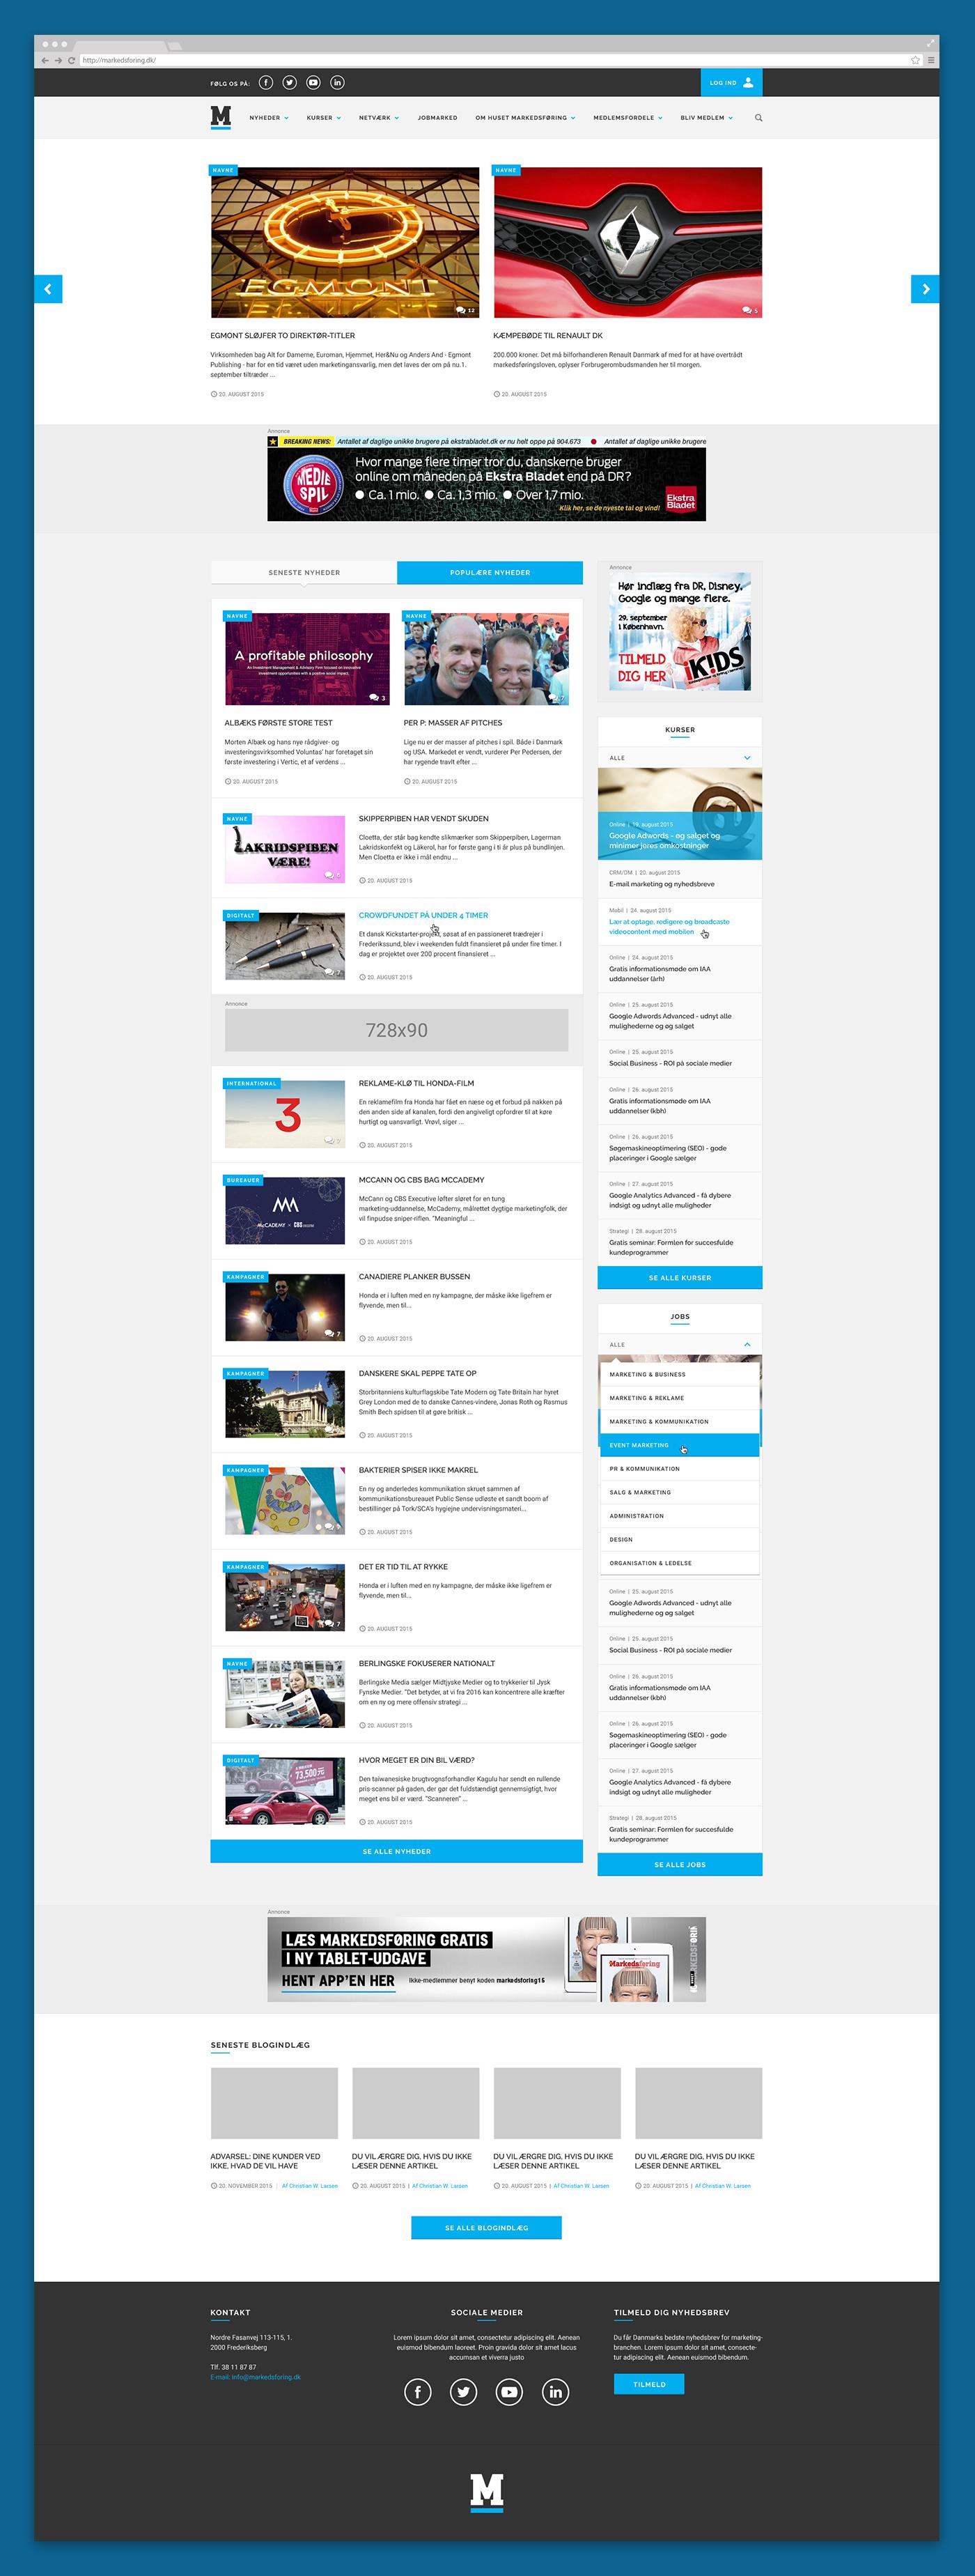 ux UI digital design graphic design  Responsive Design photoshop Illustrator redesign